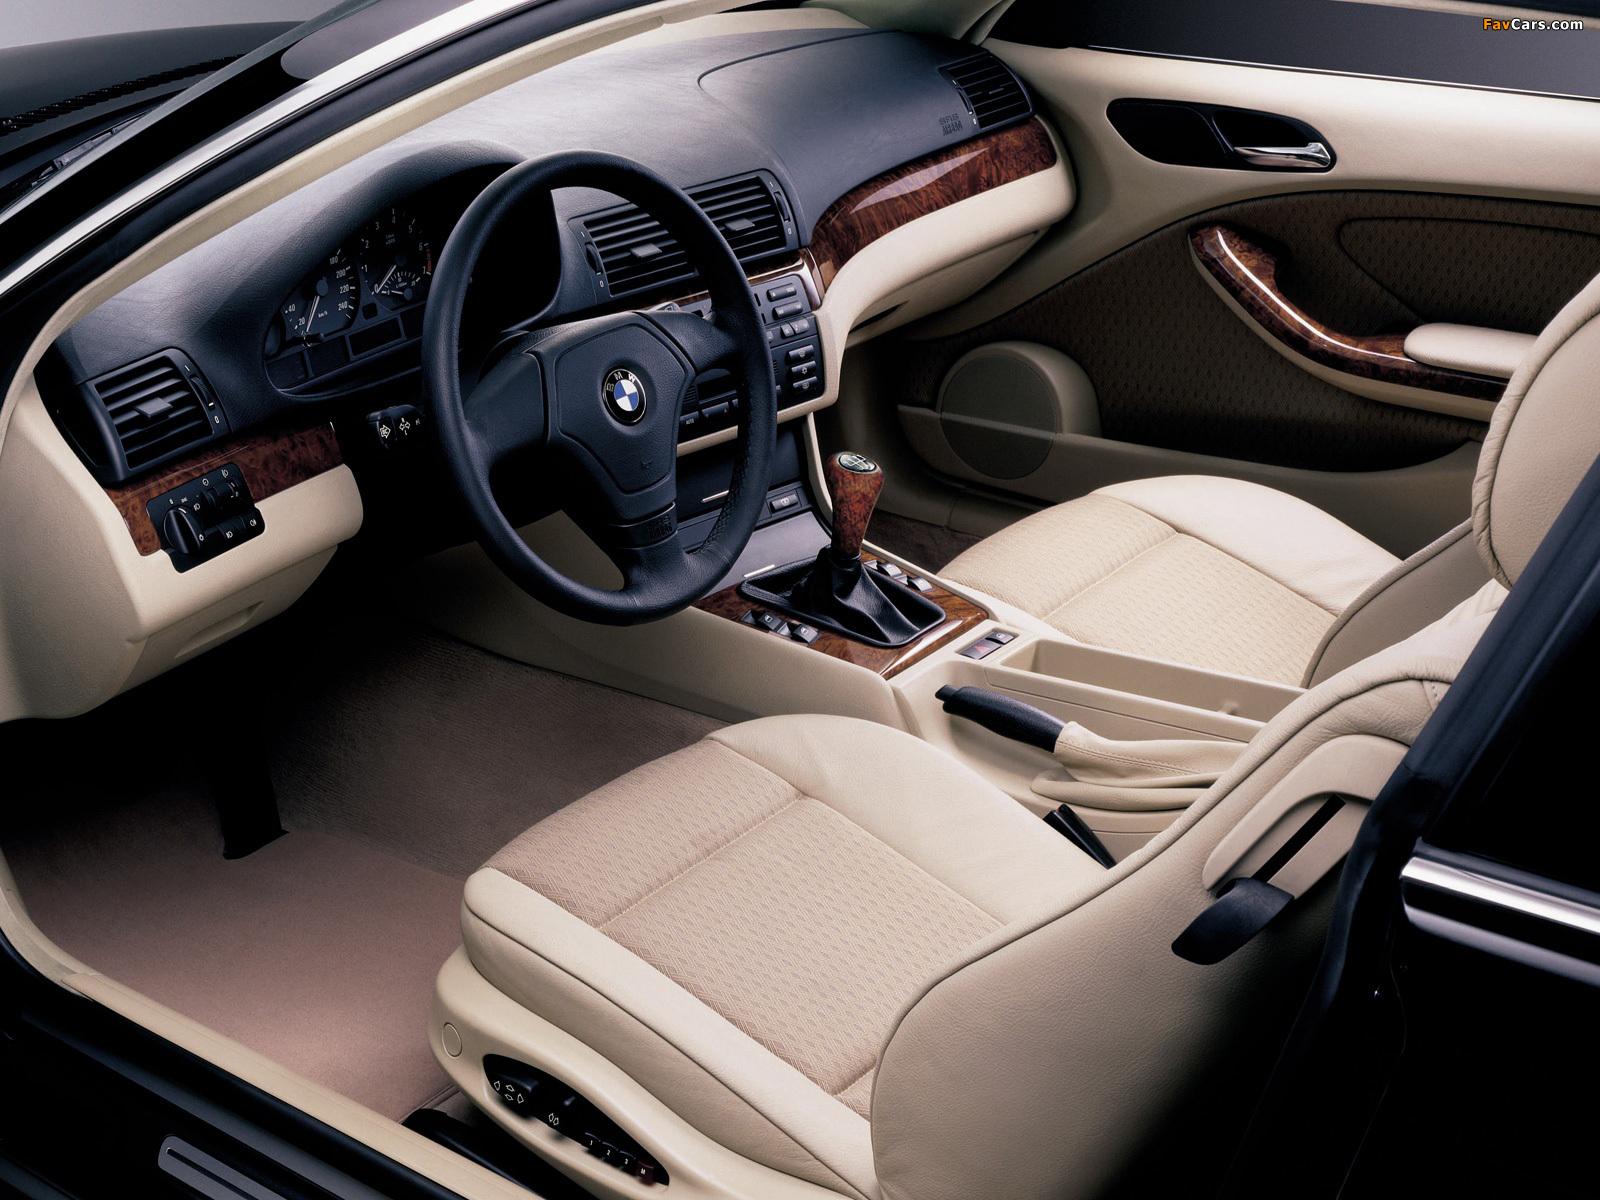 Как в BMW 3 E46 запрограммировать отдельные настройки для каждого водителя